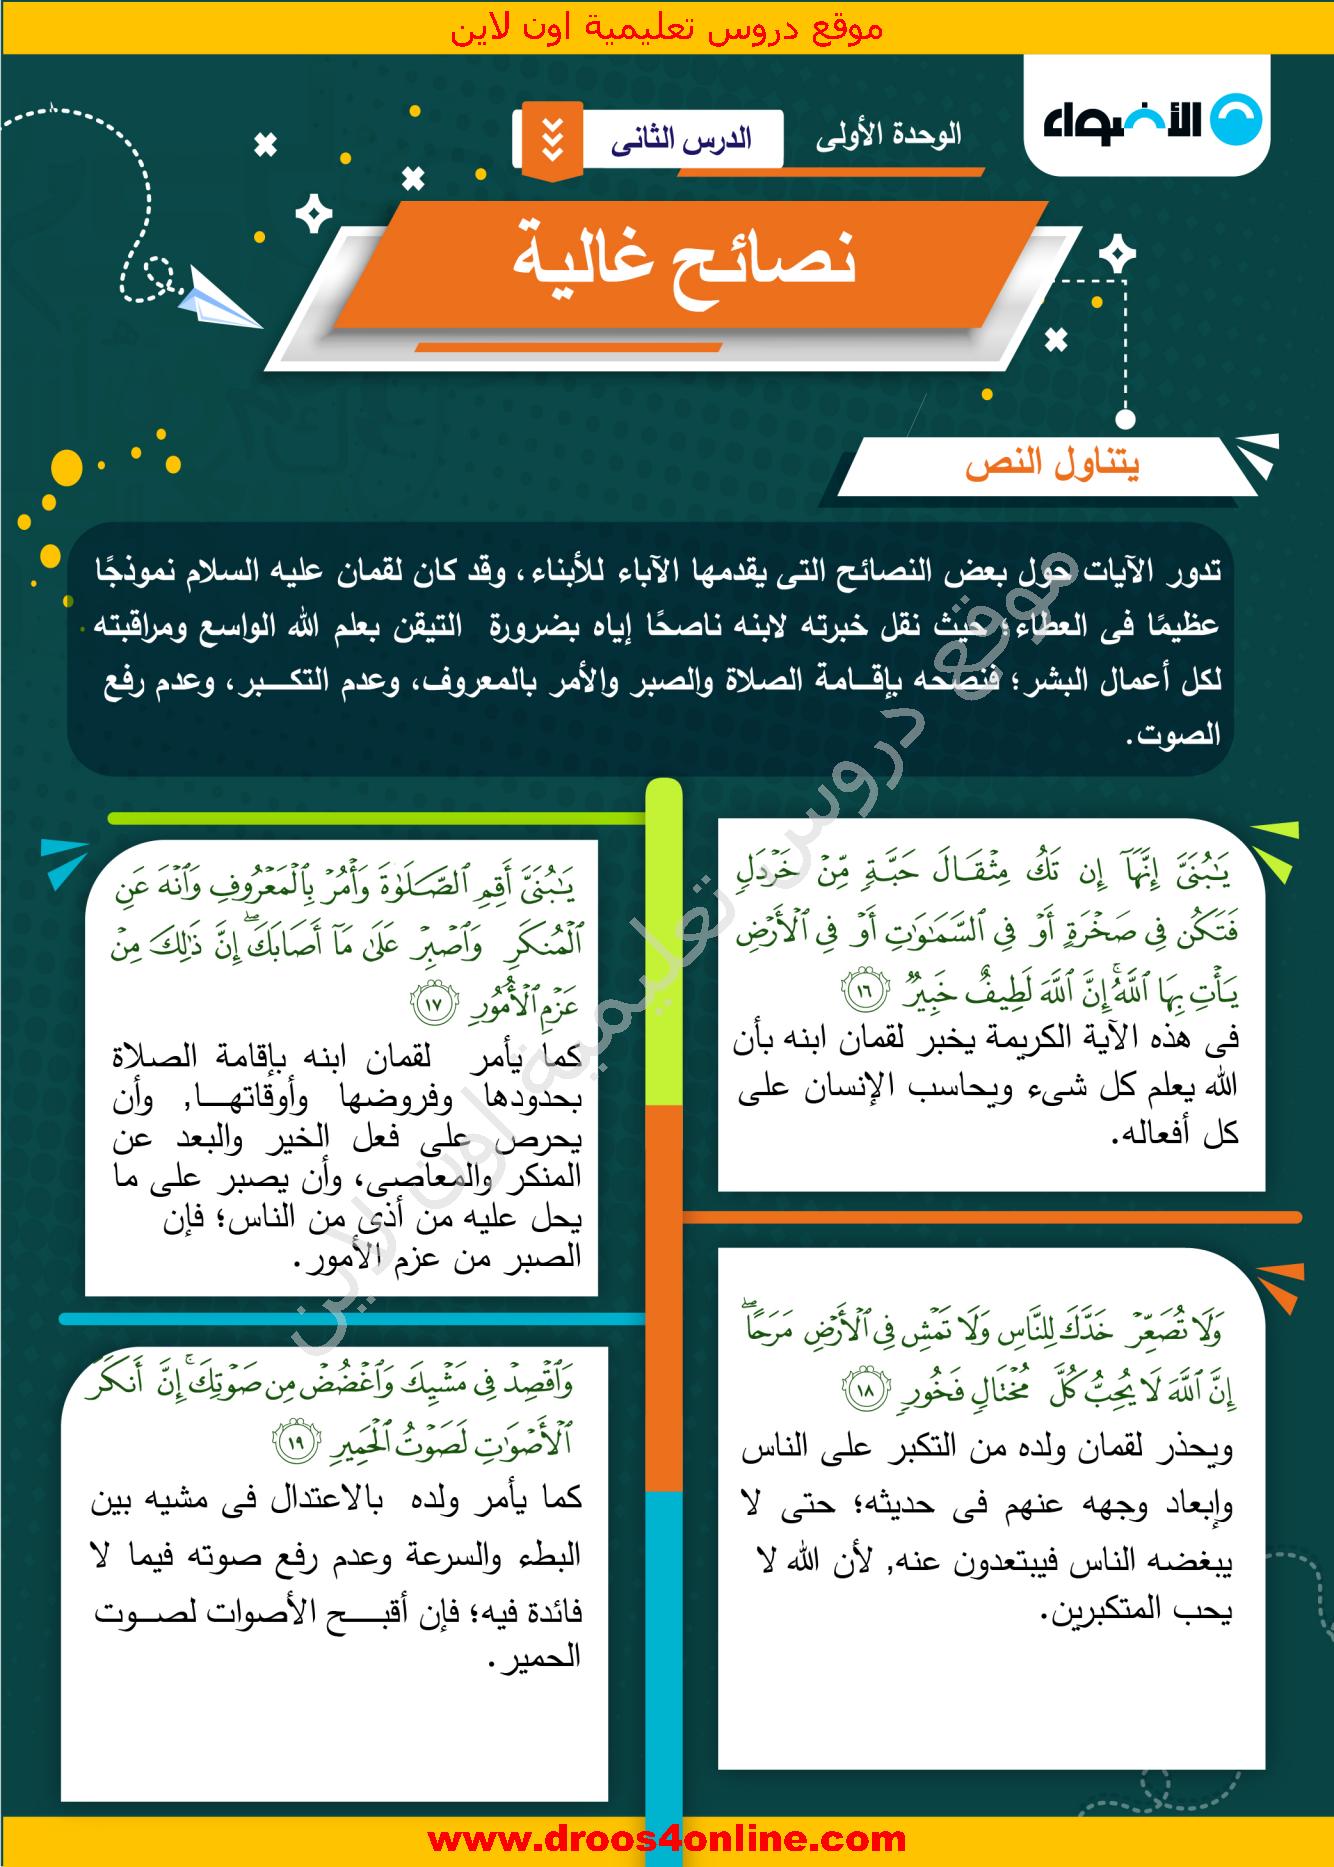 افضل مذكرة لغة عربية (خرائط ذهنية) للصف الثانى الإعدادى الترم الأول 2022 من الأضواء